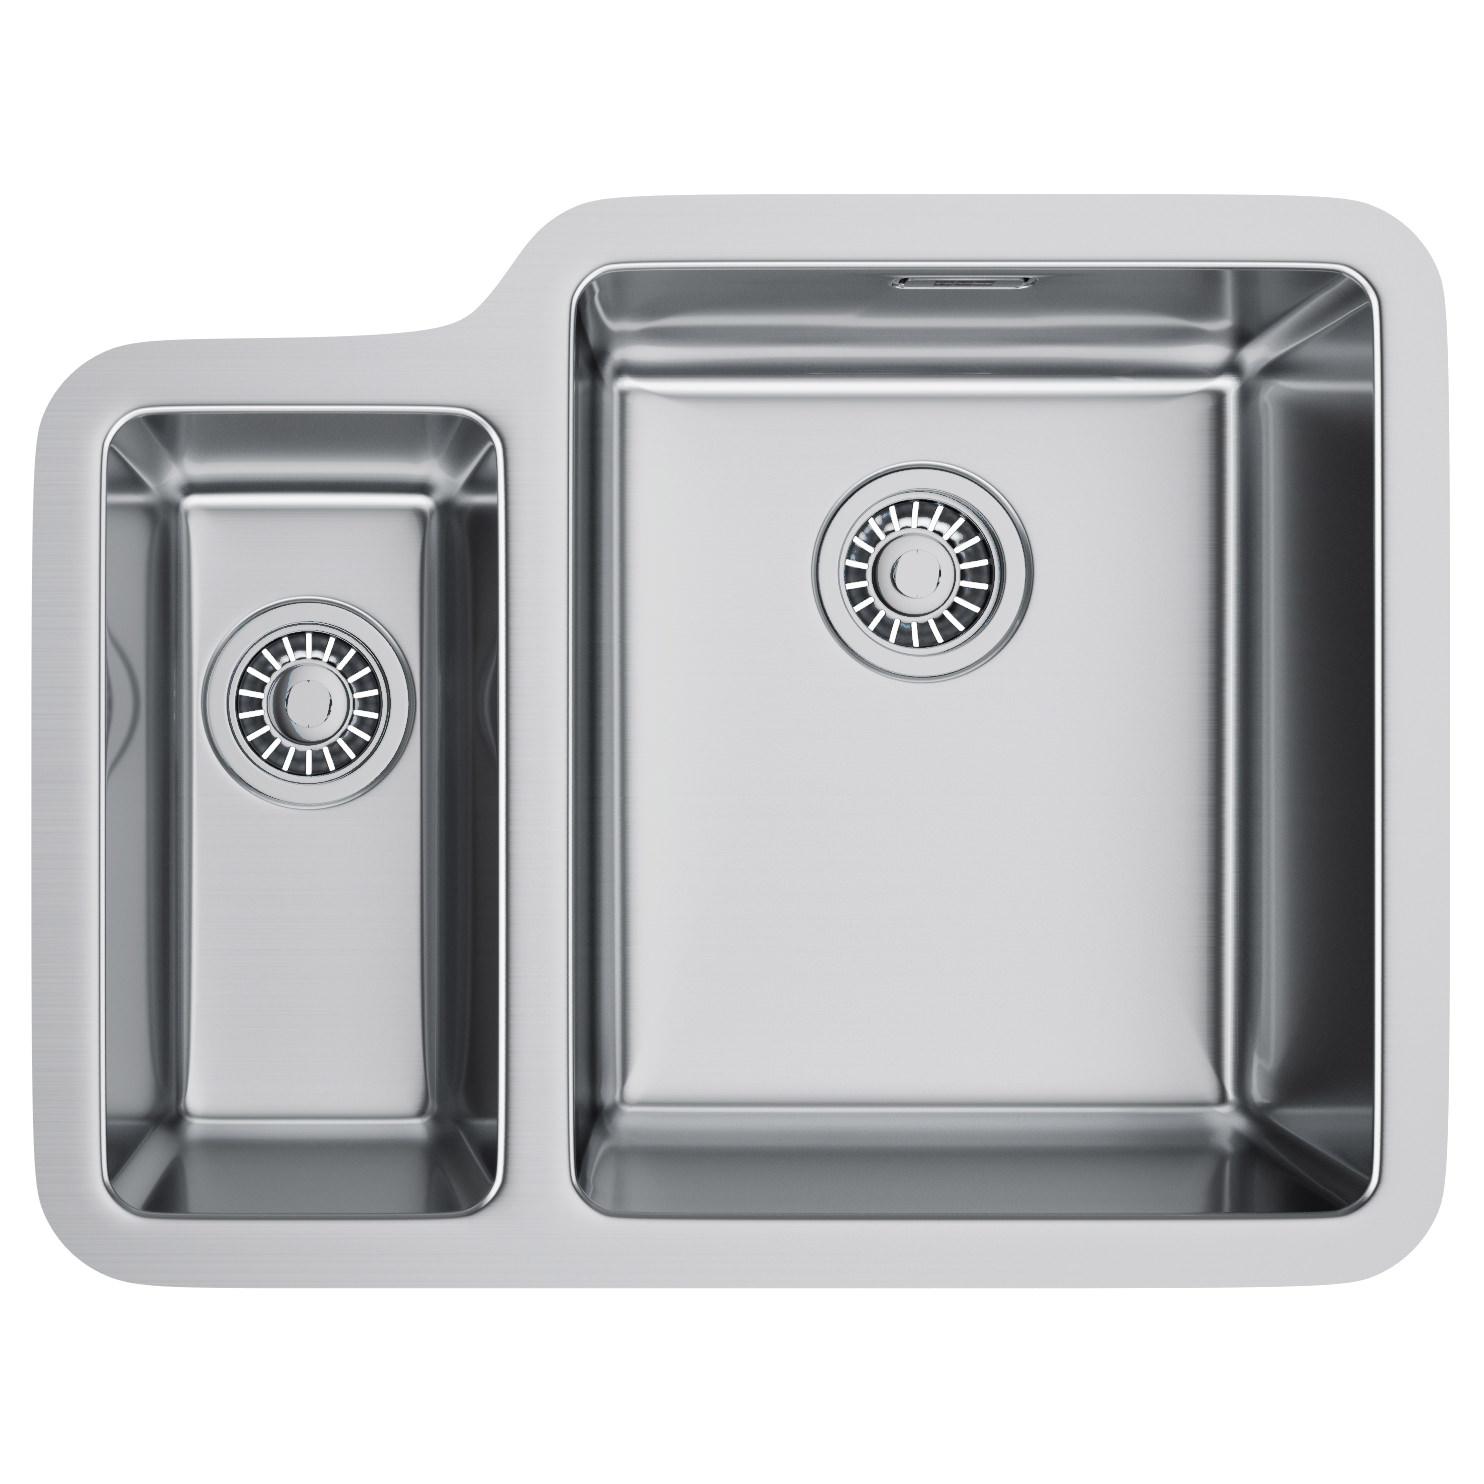 Franke kubus kbx 160 34 16 stainless steel 1 5 bowl for Franke sinks